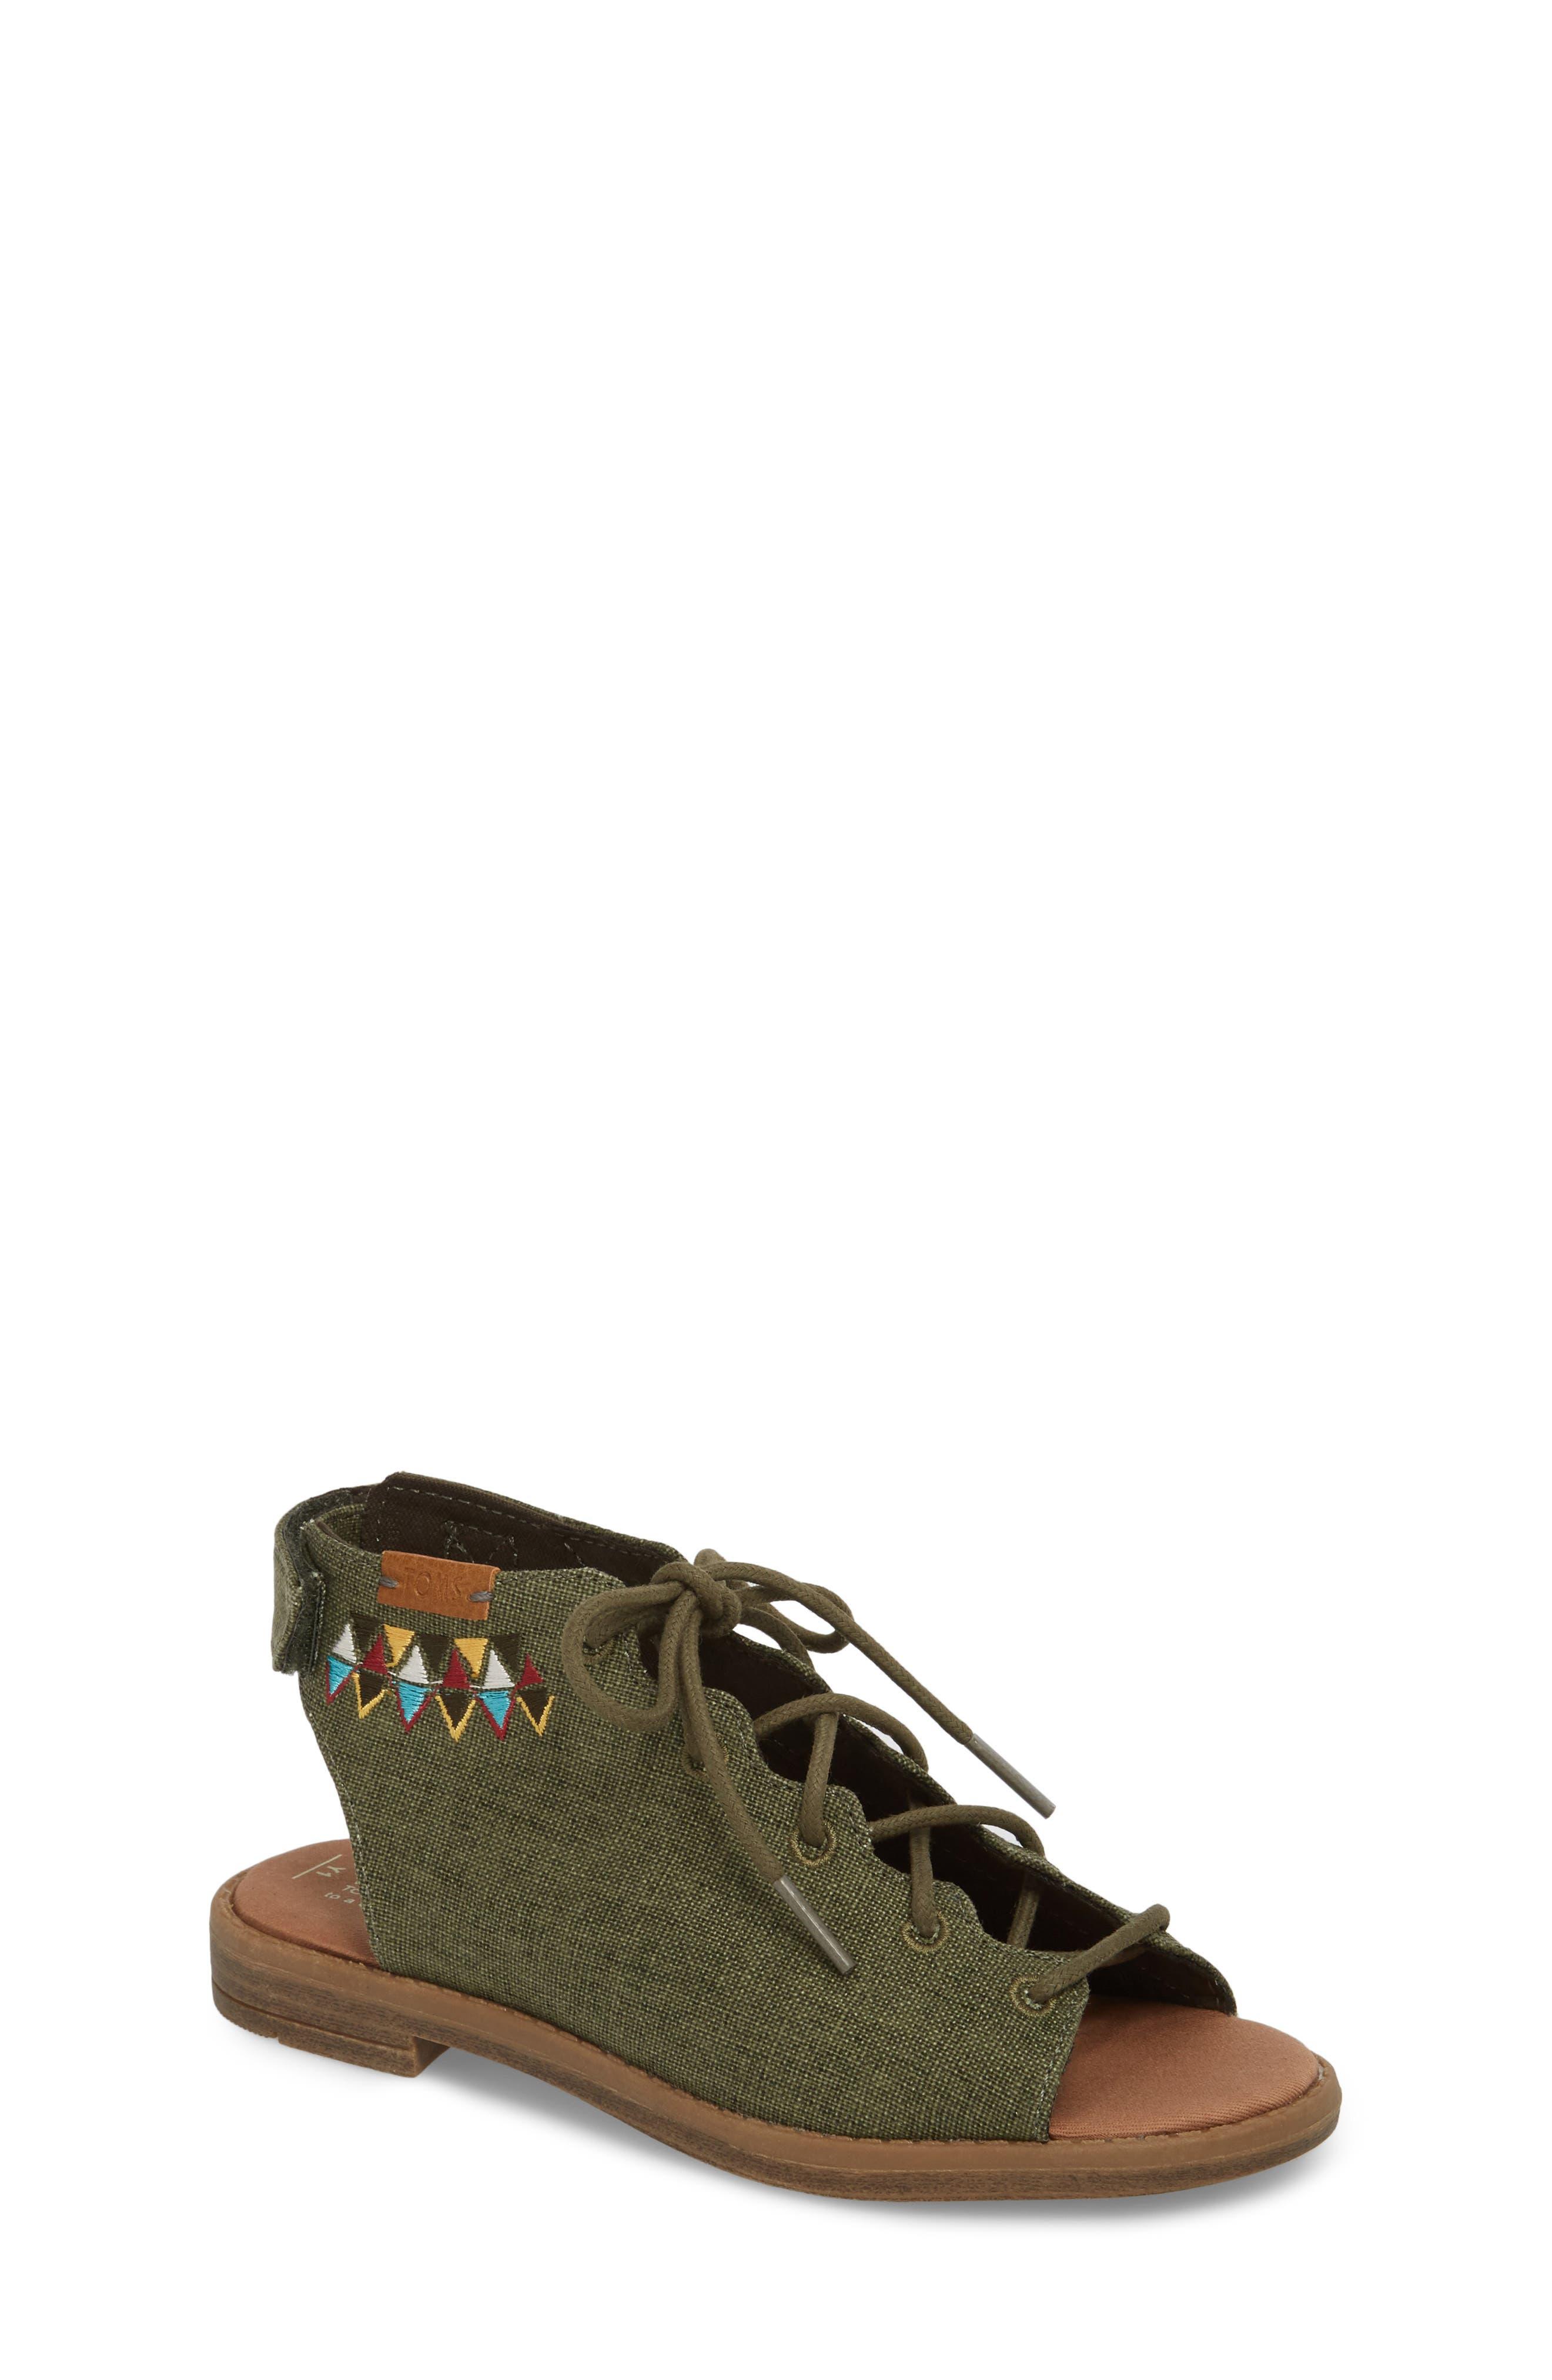 Uma Sandal,                             Main thumbnail 1, color,                             Cypress Coated Linen